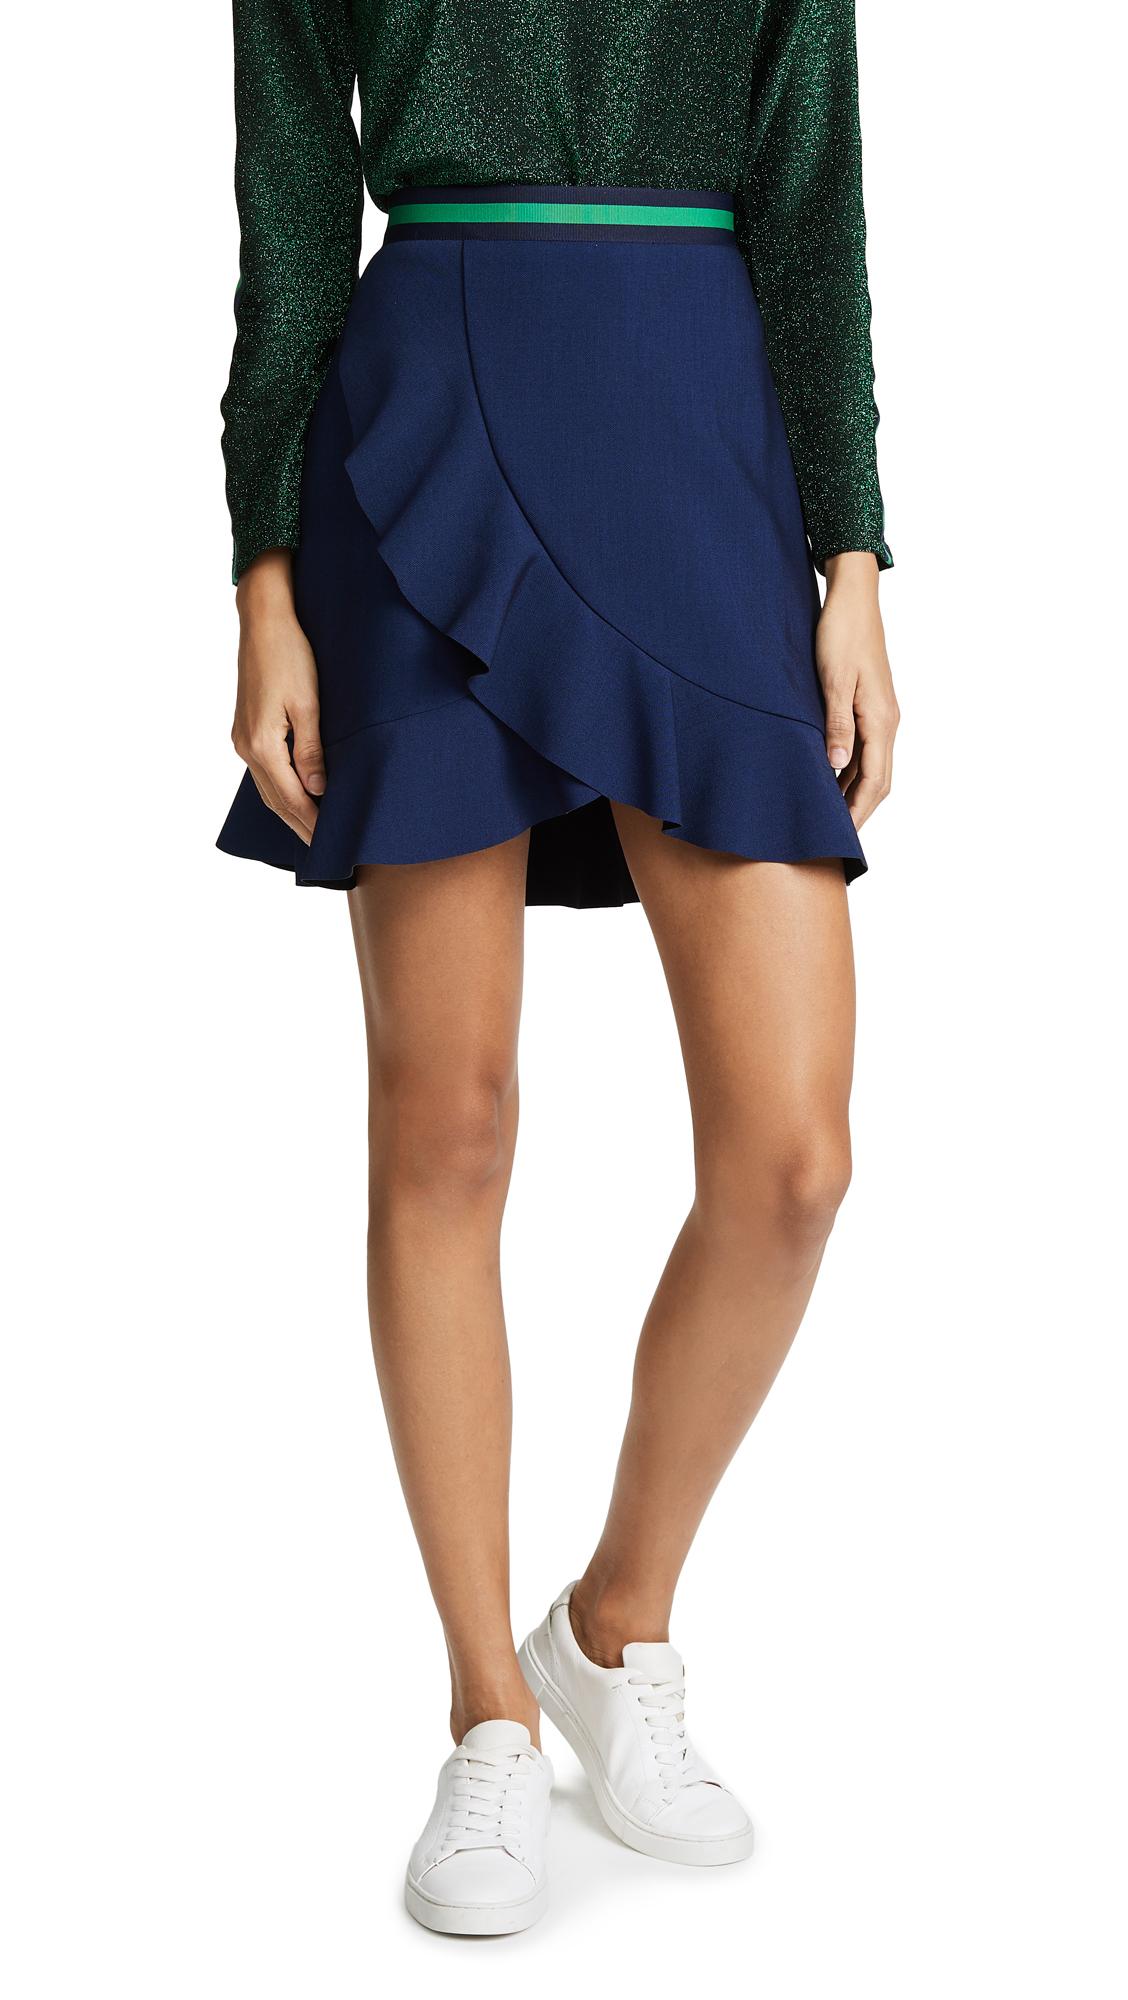 Suncoo Jupe Skirt In Bleu Nuit